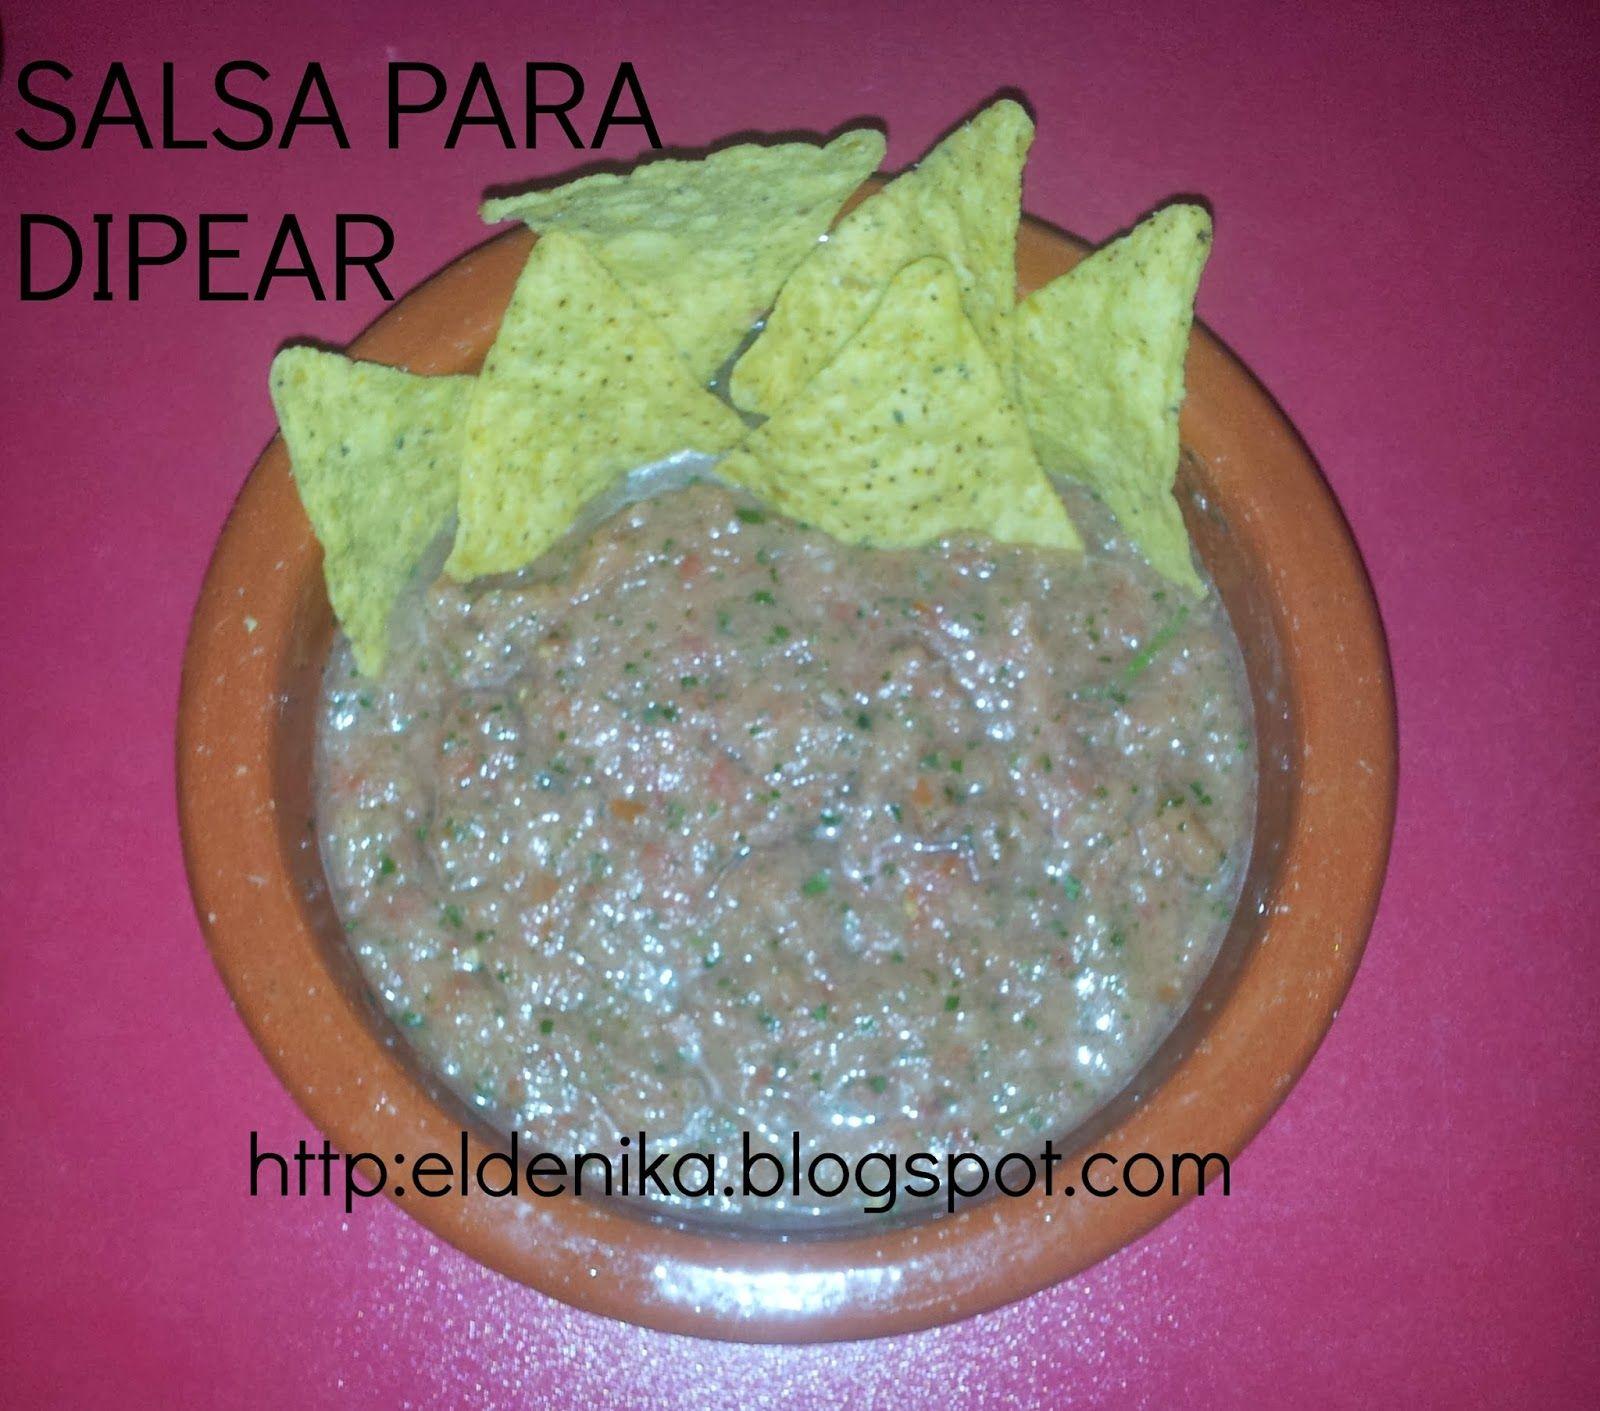 Deliciosa salsa para dippear, sana y apta para todo tipo de dietas   http://eldenika.blogspot.com.es/2014/01/te-gusta-dippear.html